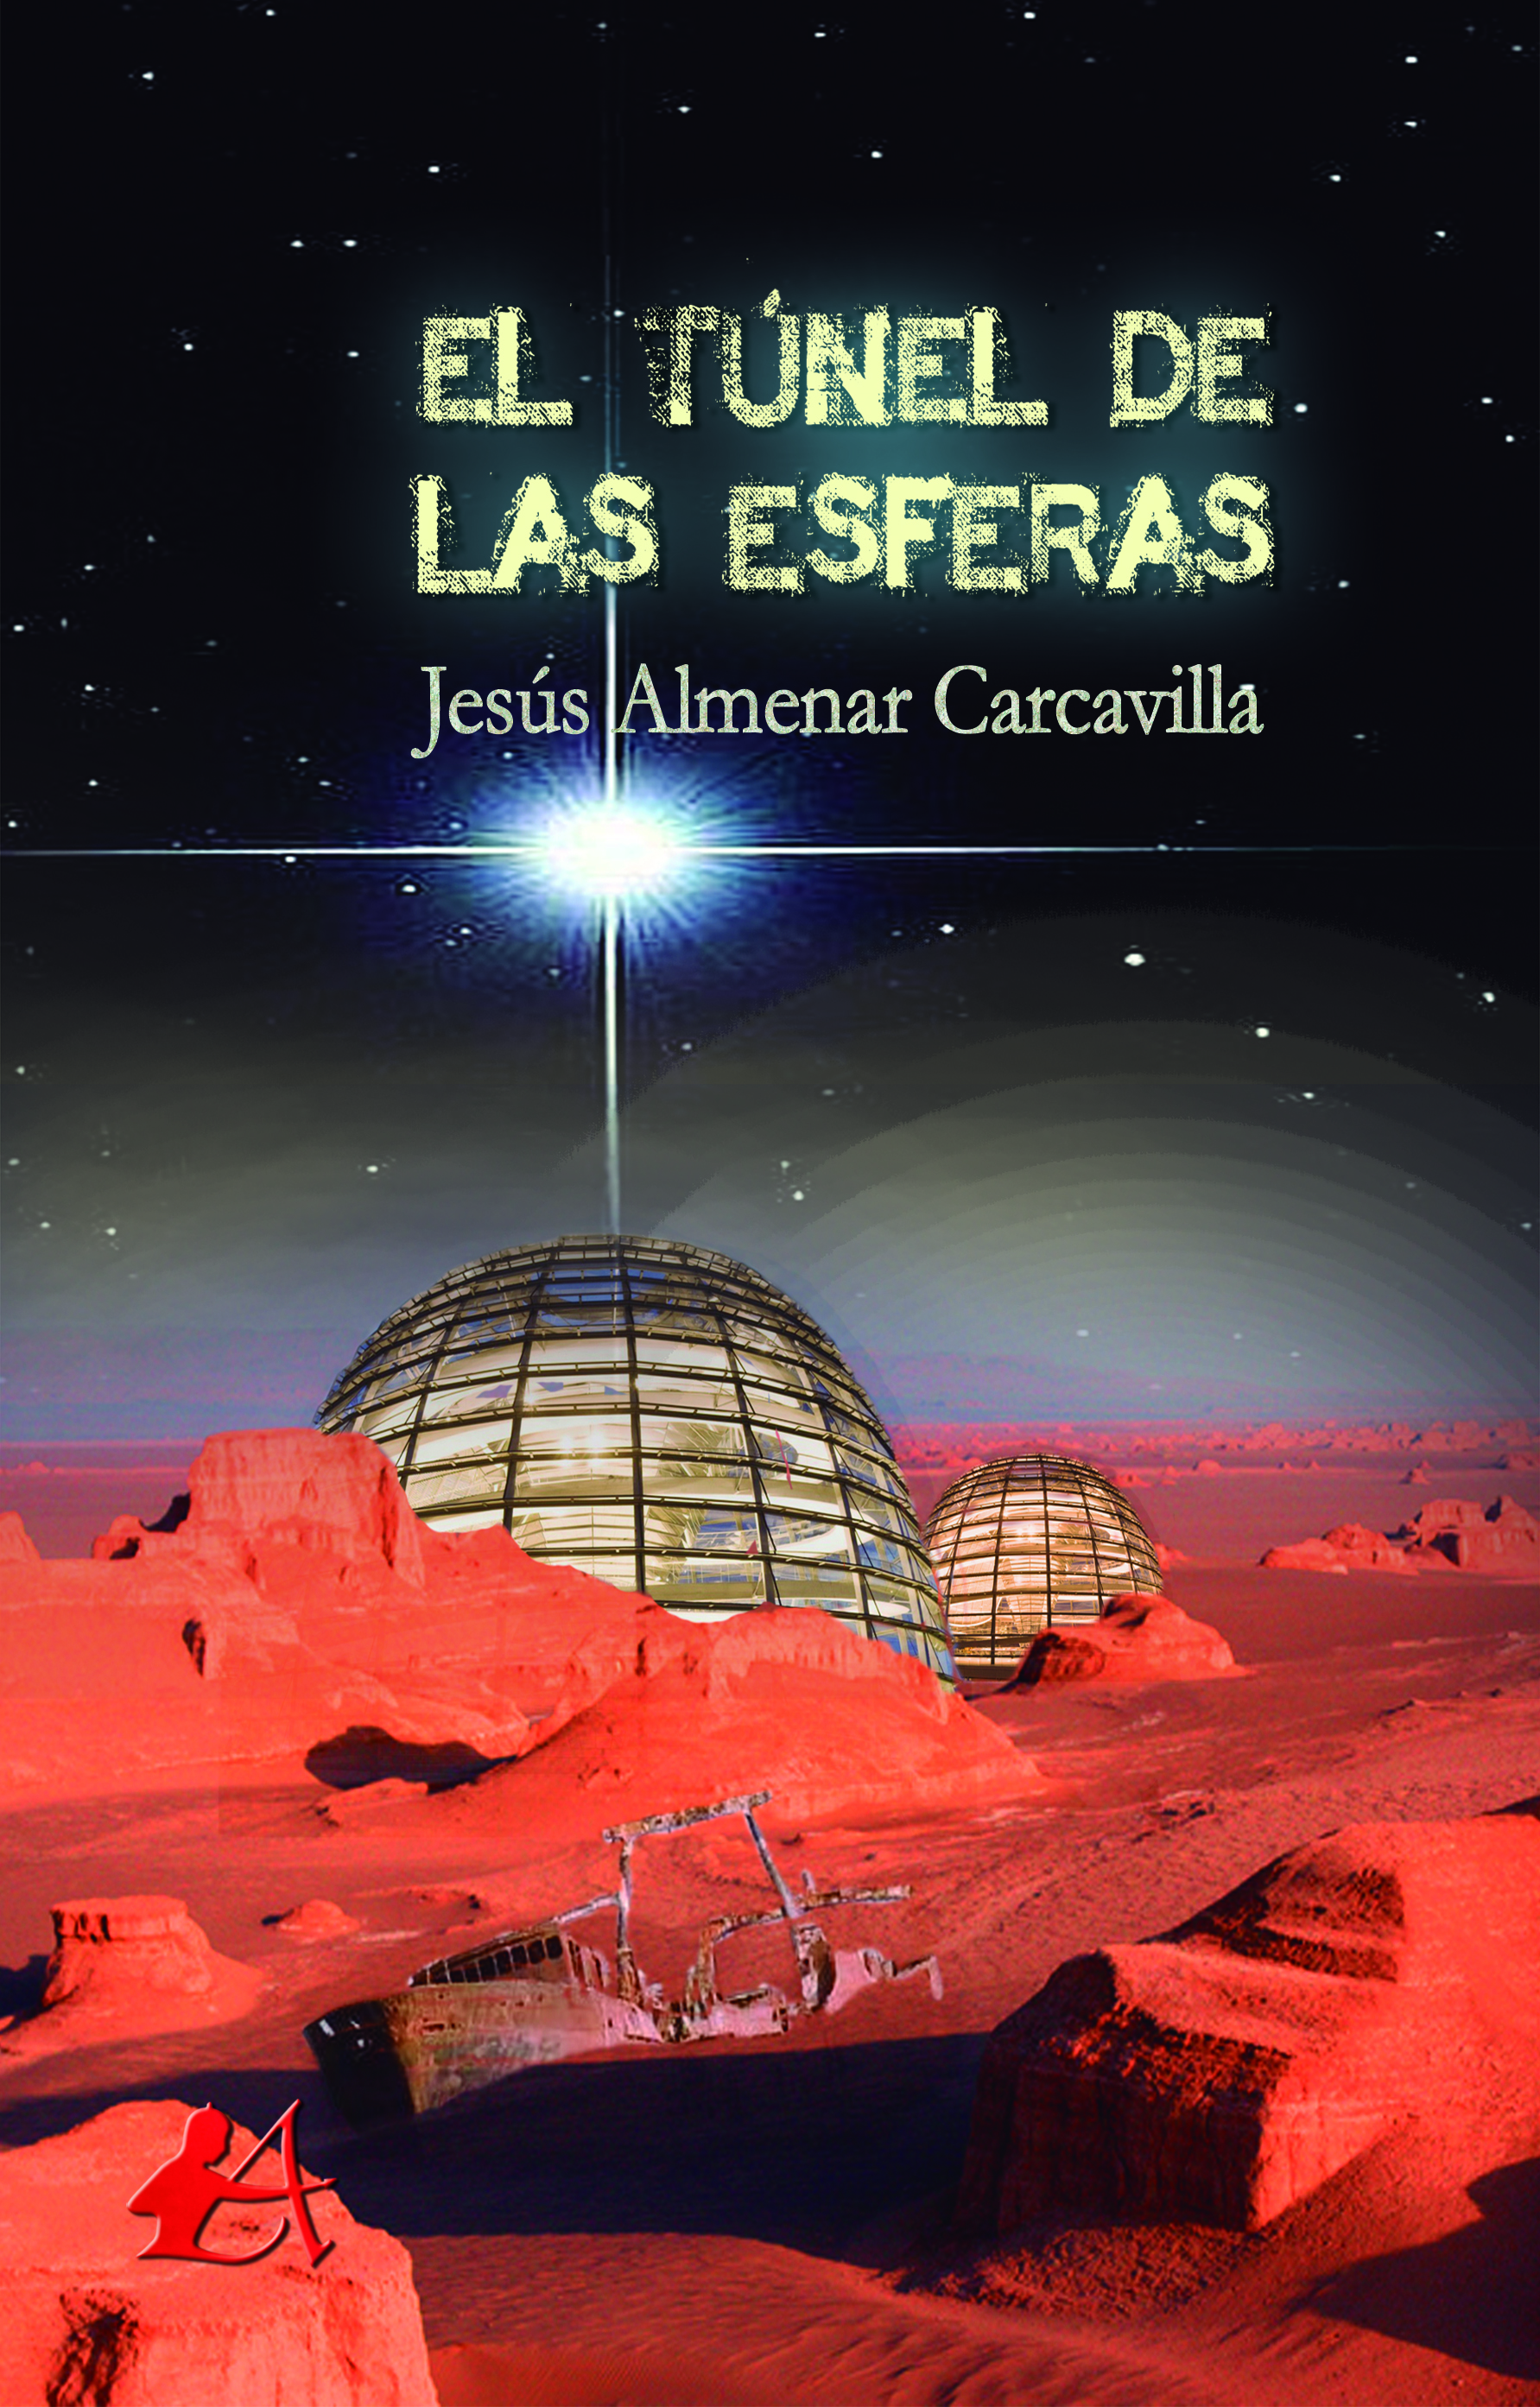 Portada del libro El túnel de las esferas de Jesús Almenar Carcavilla. Editorial Adarve, Publicar un libro